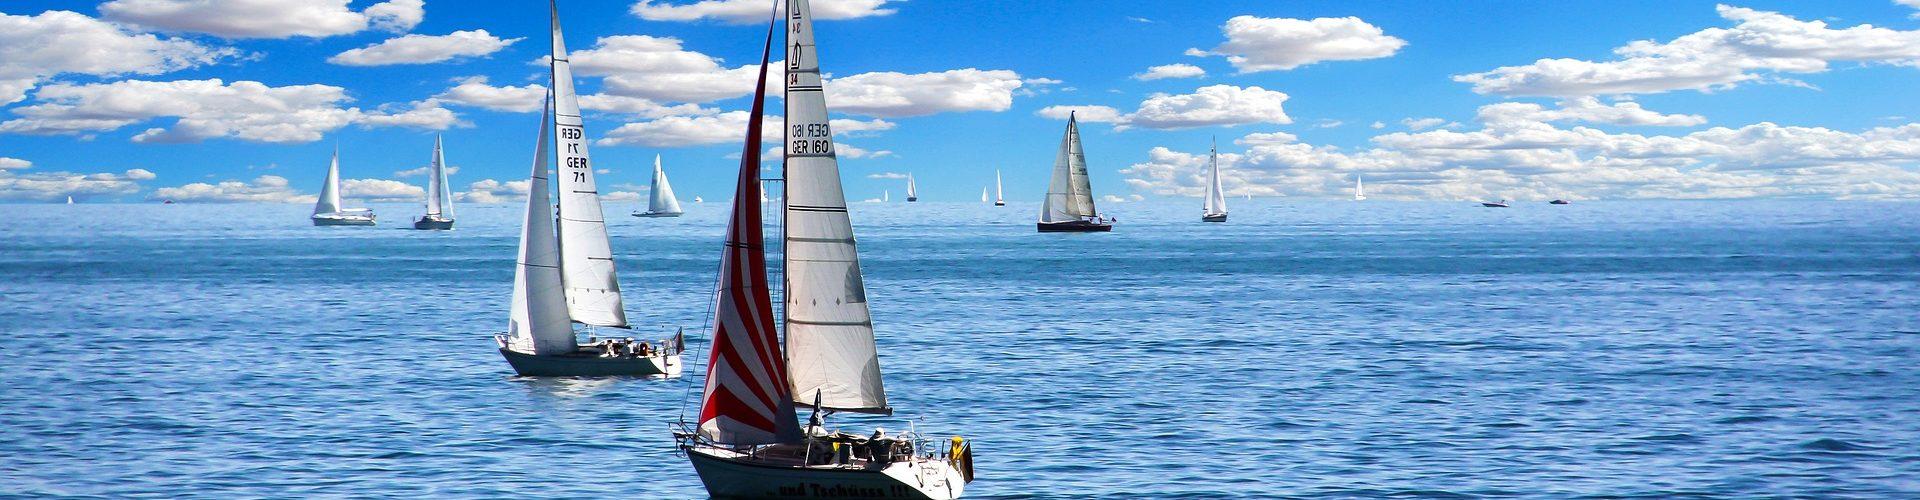 segeln lernen in Göppingen segelschein machen in Göppingen 1920x500 - Segeln lernen in Göppingen